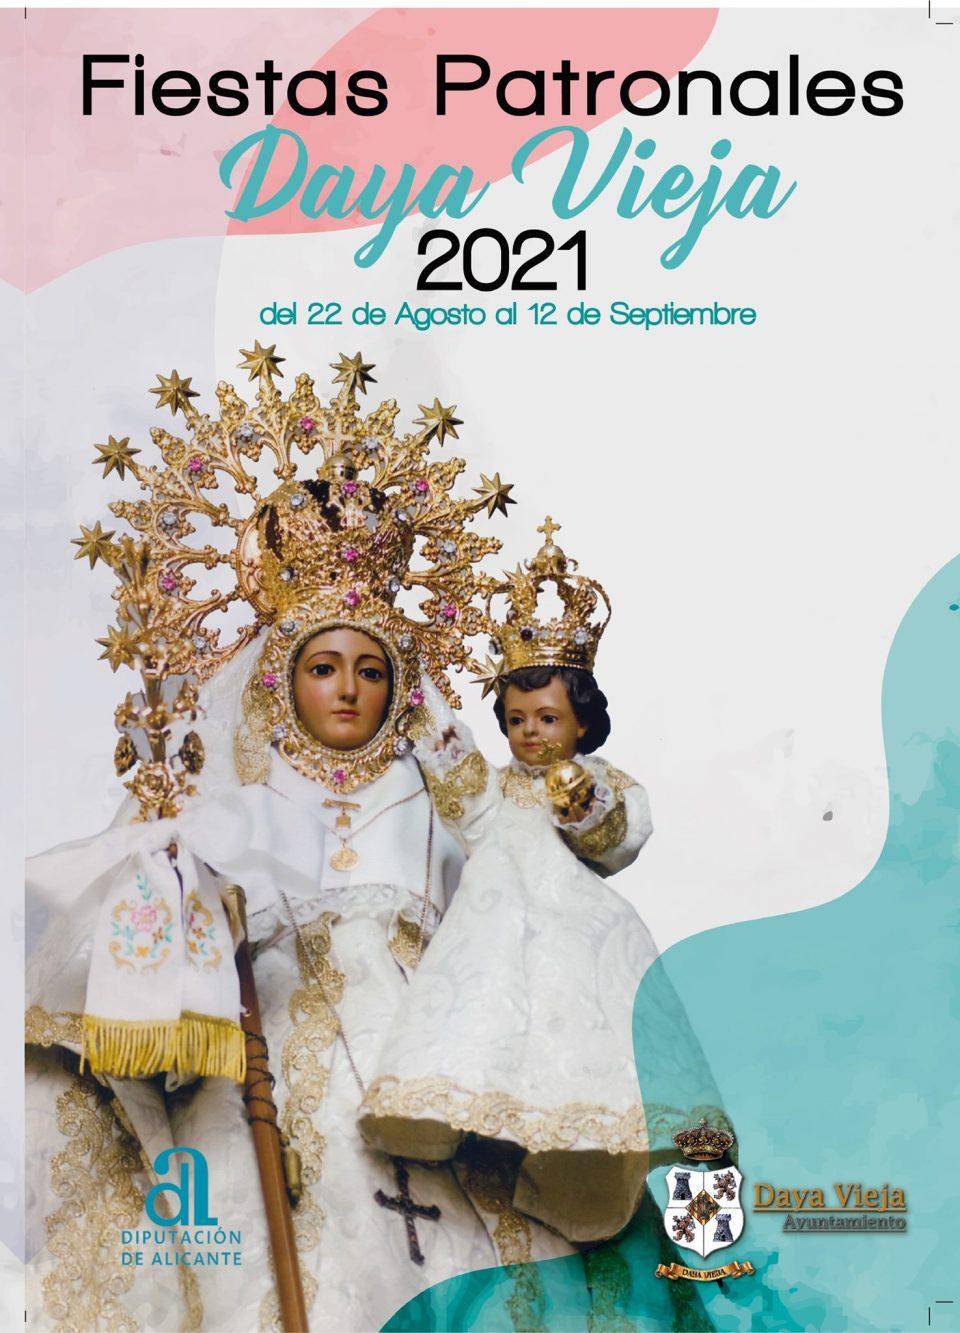 En marcha las fiestas patronales de Daya Vieja en honor a su patrona la Virgen de Monserrate 6